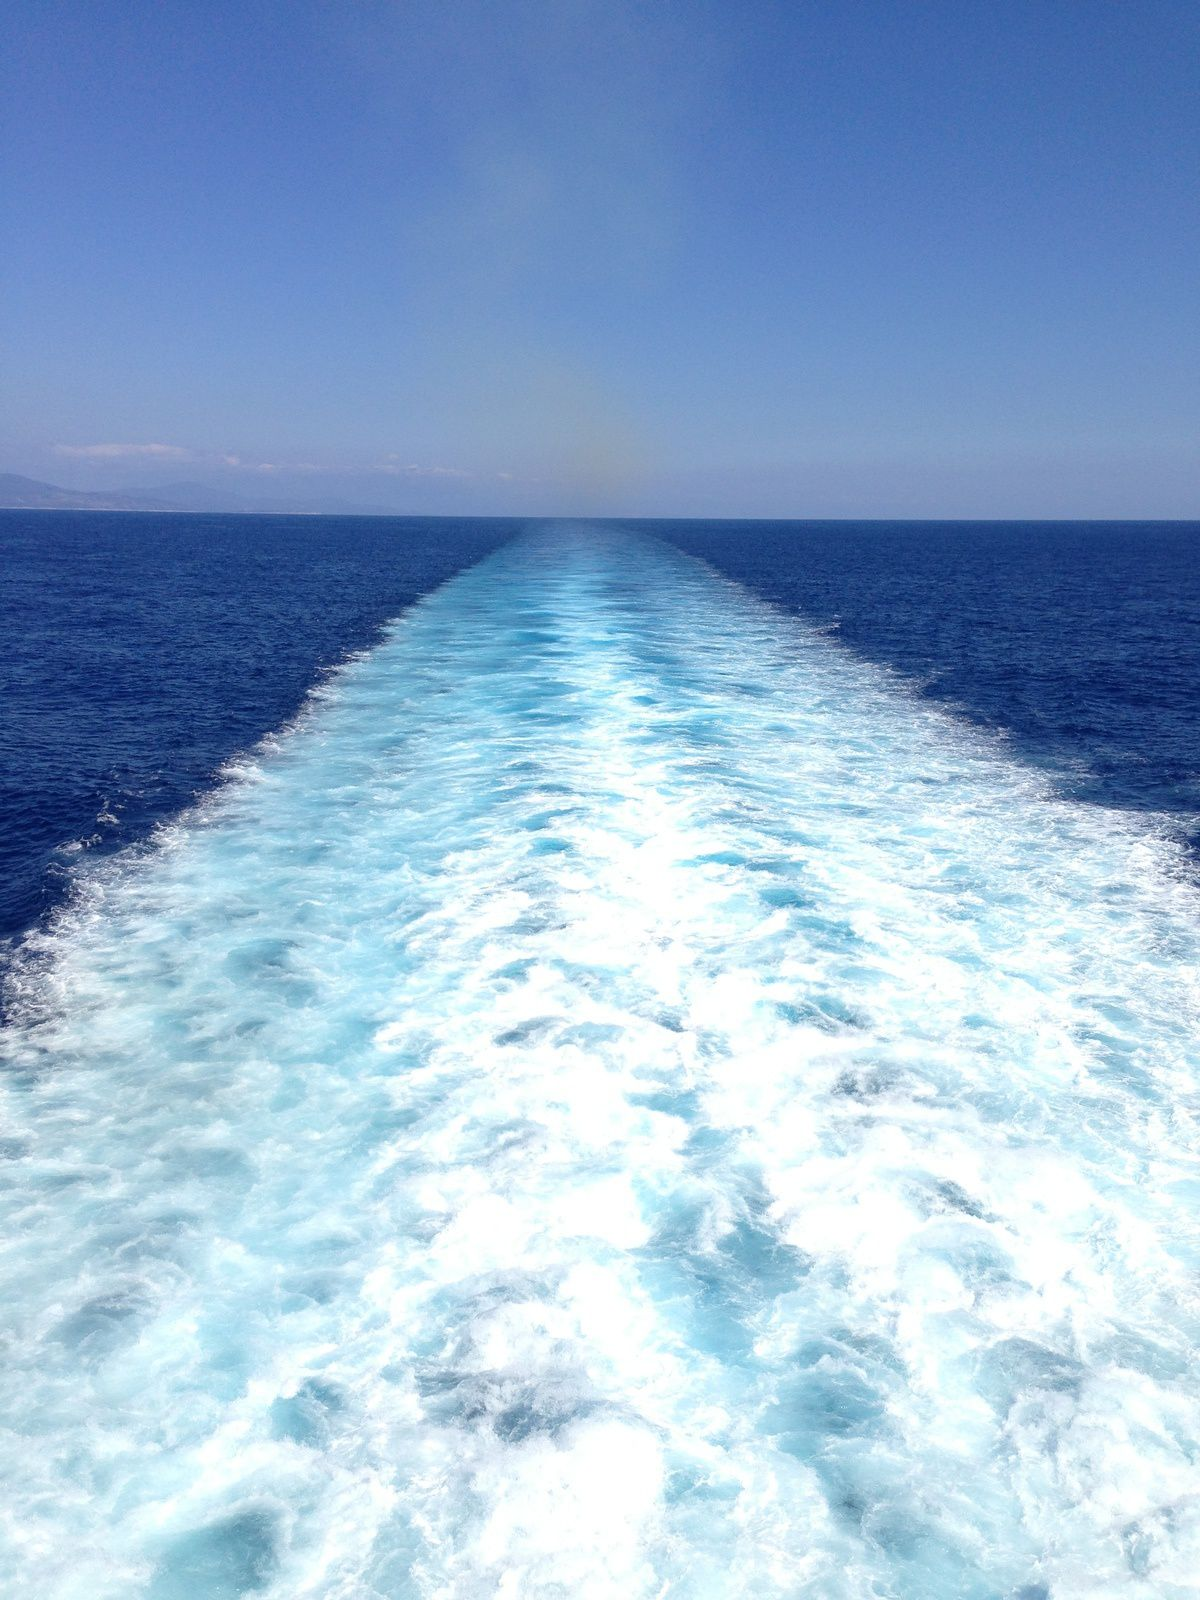 Incroyable balade en mer...